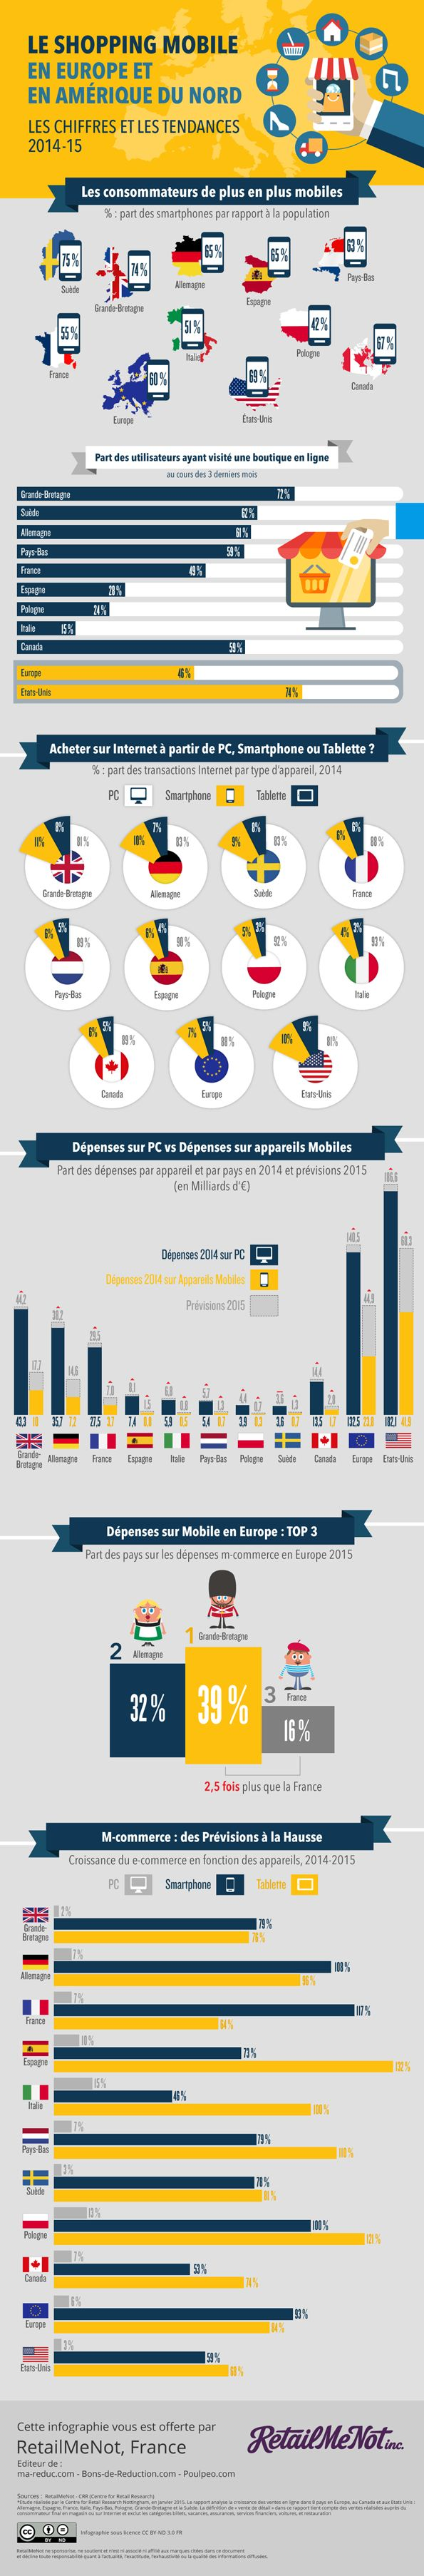 Shopping Mobile : les chiffres clés du commerce sur Laptop vs Smartphone vs Tablette en Europe et Amérique du Nord (monde, 2015) #mcommerce #ecommerce